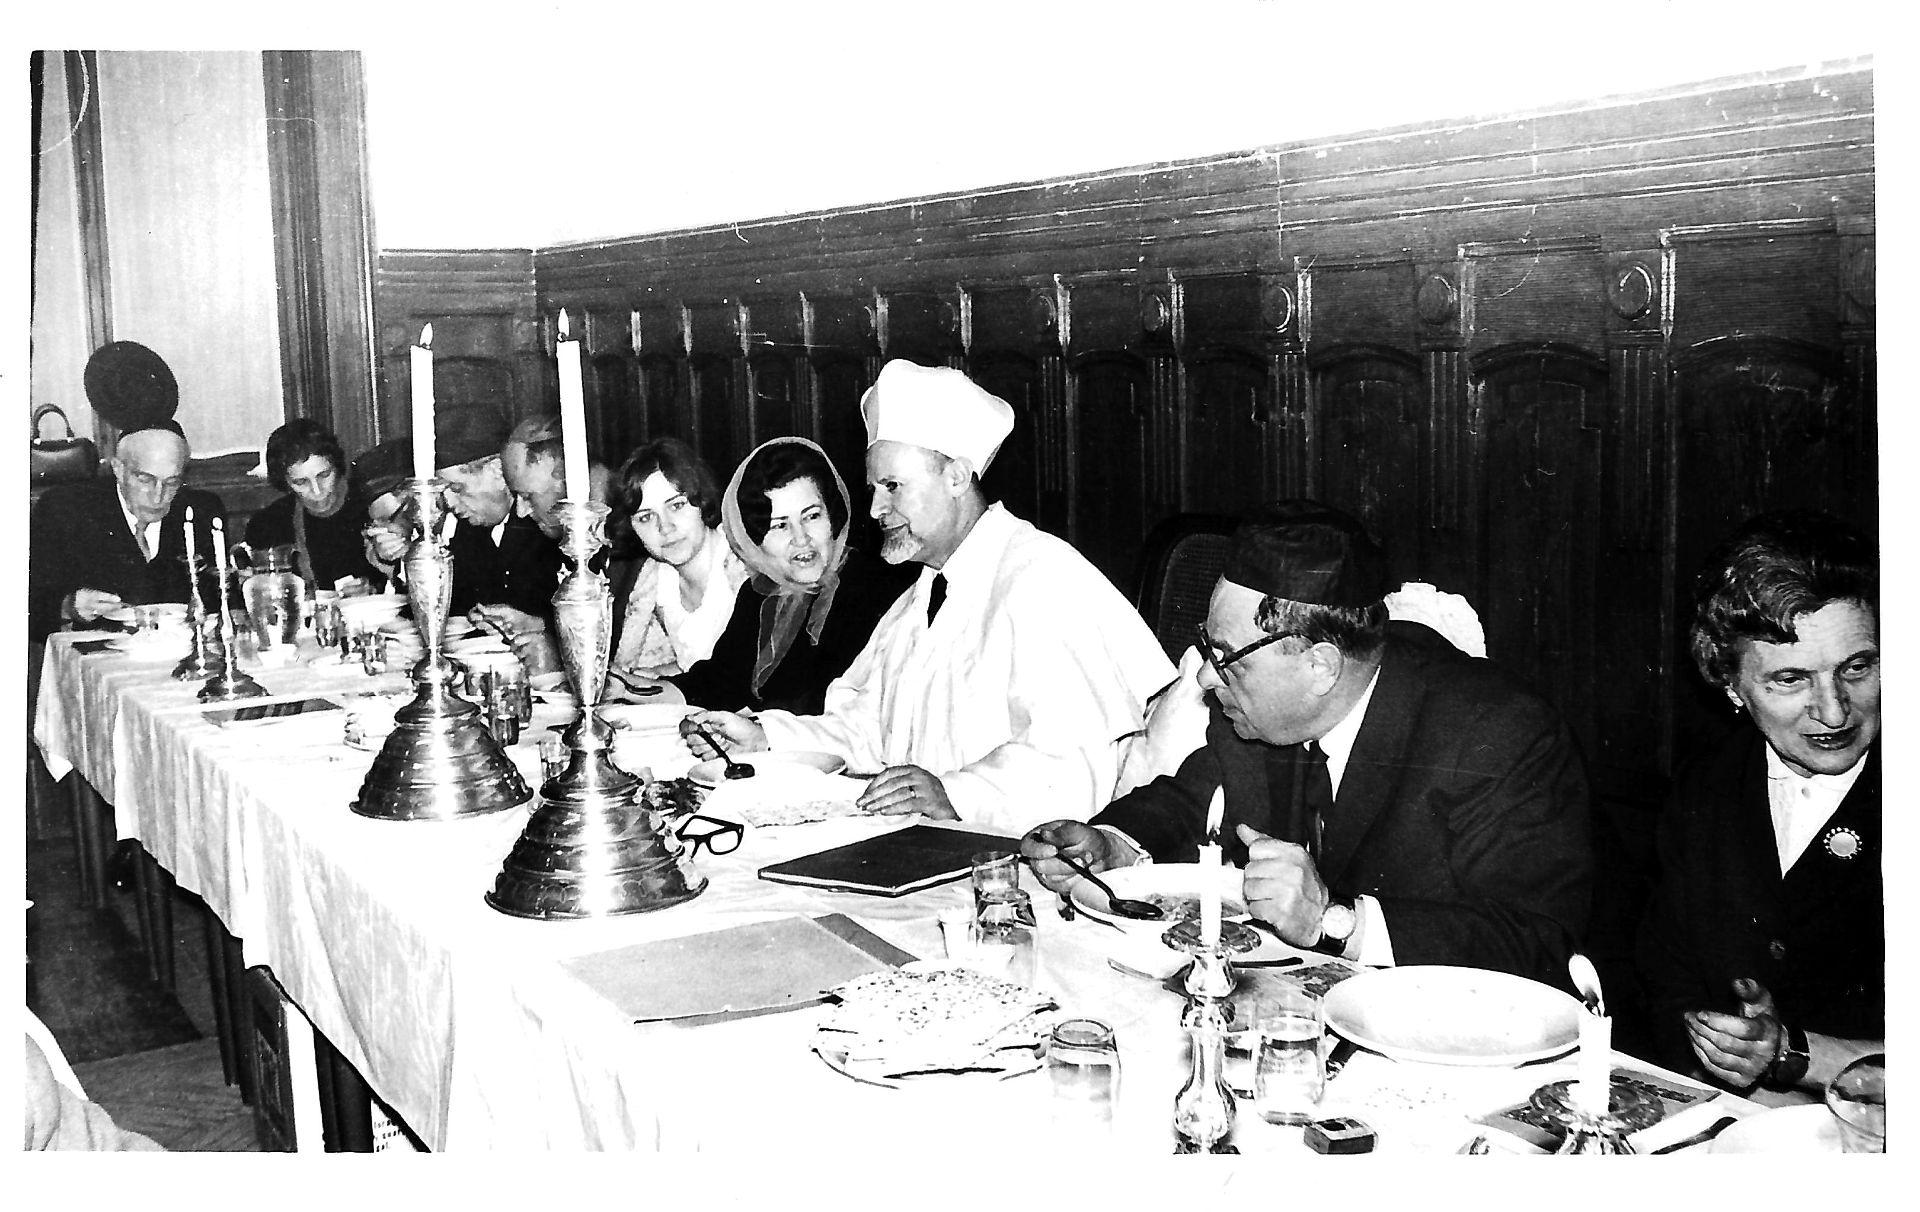 Galerie. Seara de seder la Comunitatea Evreilor din Timişoara, anii 1970